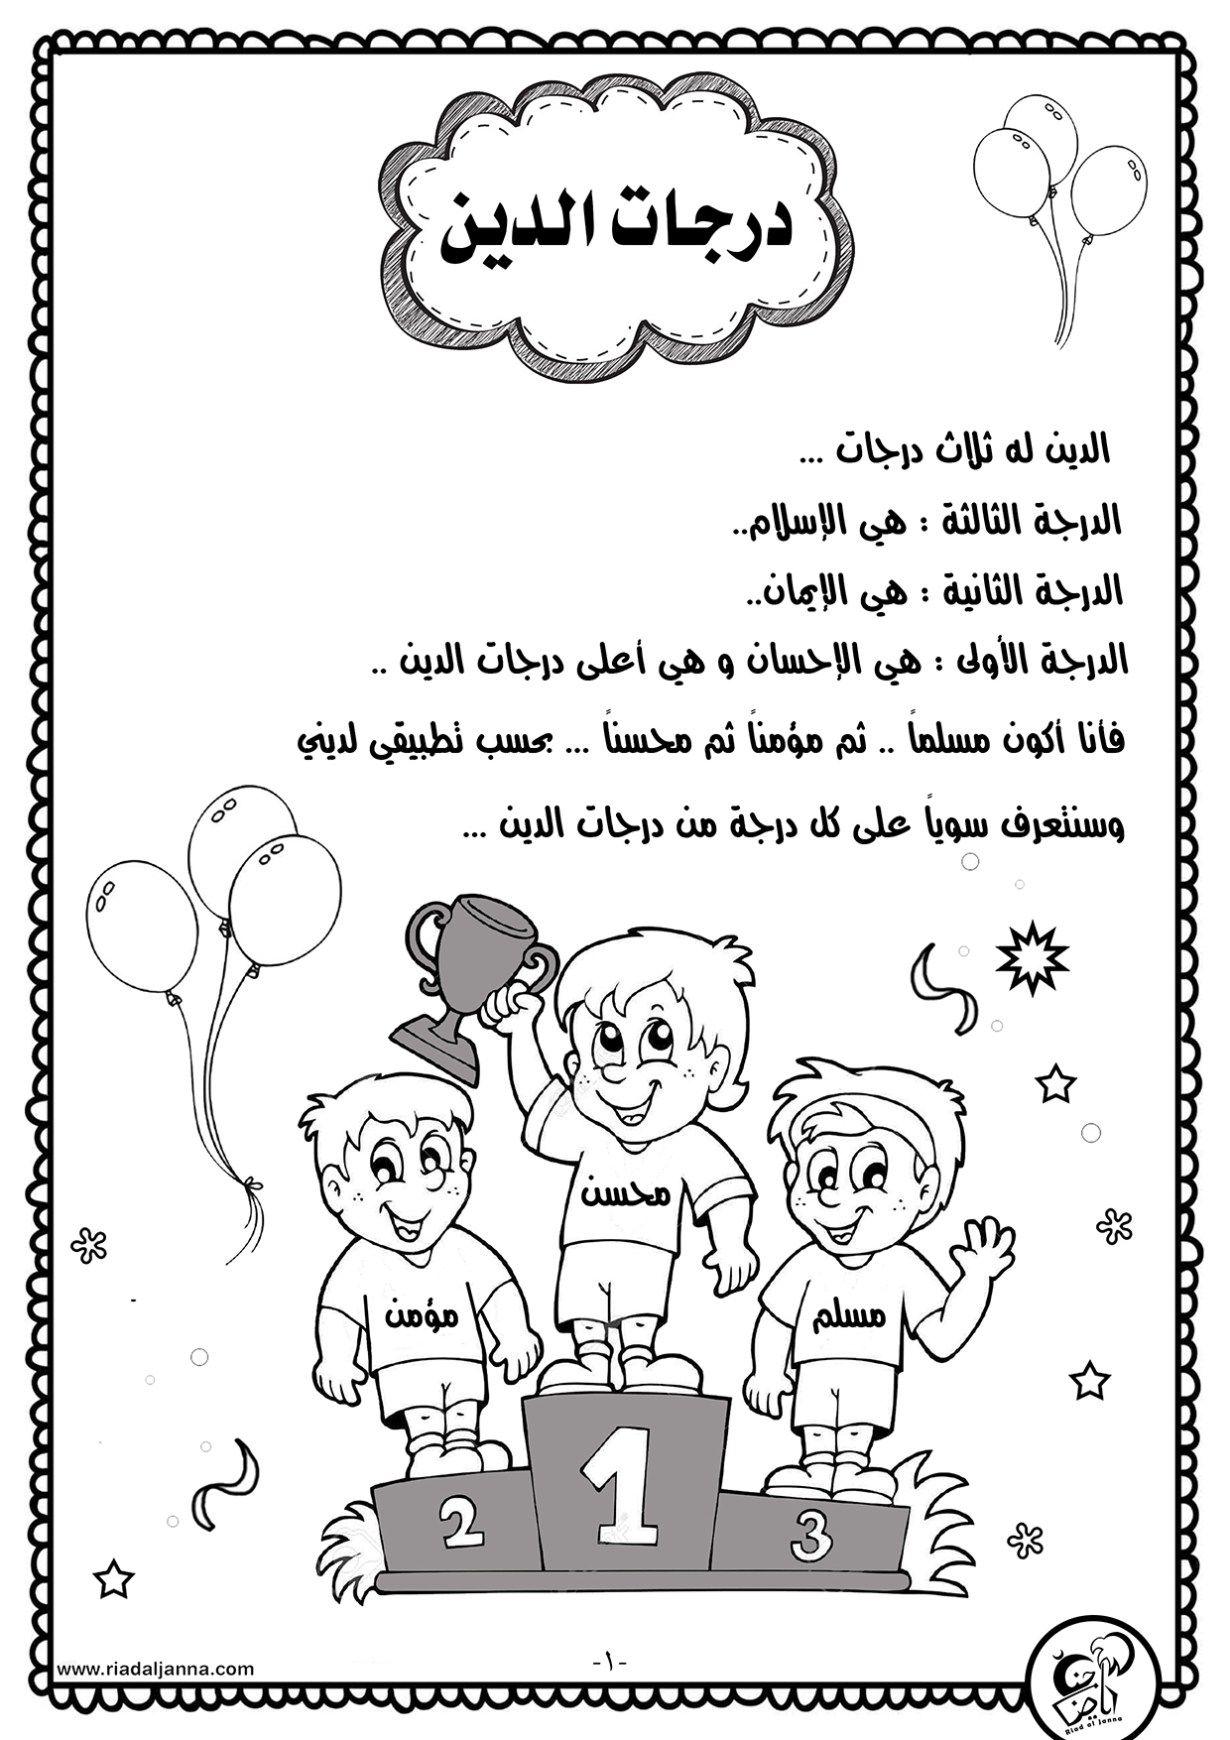 كتيب عقيدة للأطفال تفاعلي ممتع يشرح الإسلام و الإيمان و الإحسان بطريقة مبسطة مشوقة Islamic Books For Kids Islamic Kids Activities Islam For Kids